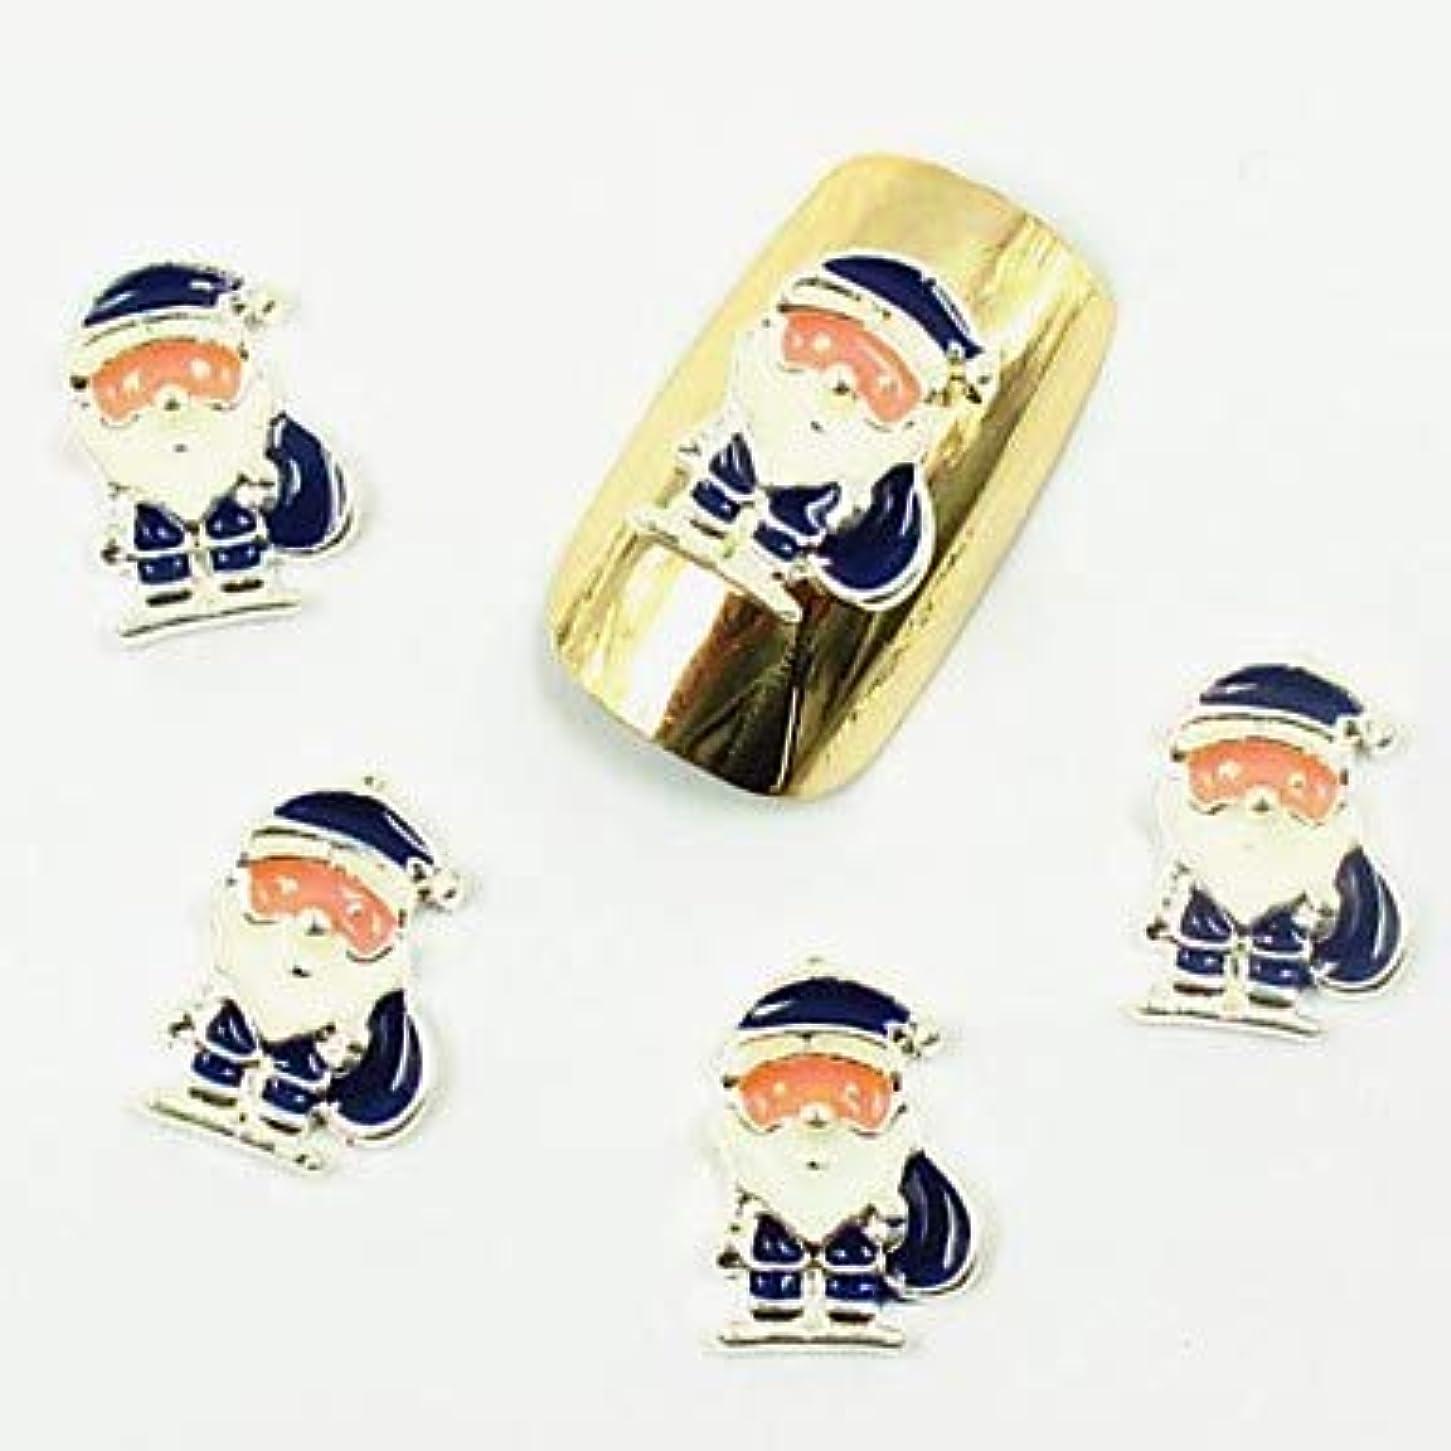 50ピース3dブルーサンタクロース白ひげクリスマスネイルデザインのための偽アクリルネイルのヒントネイルアートデコレーション